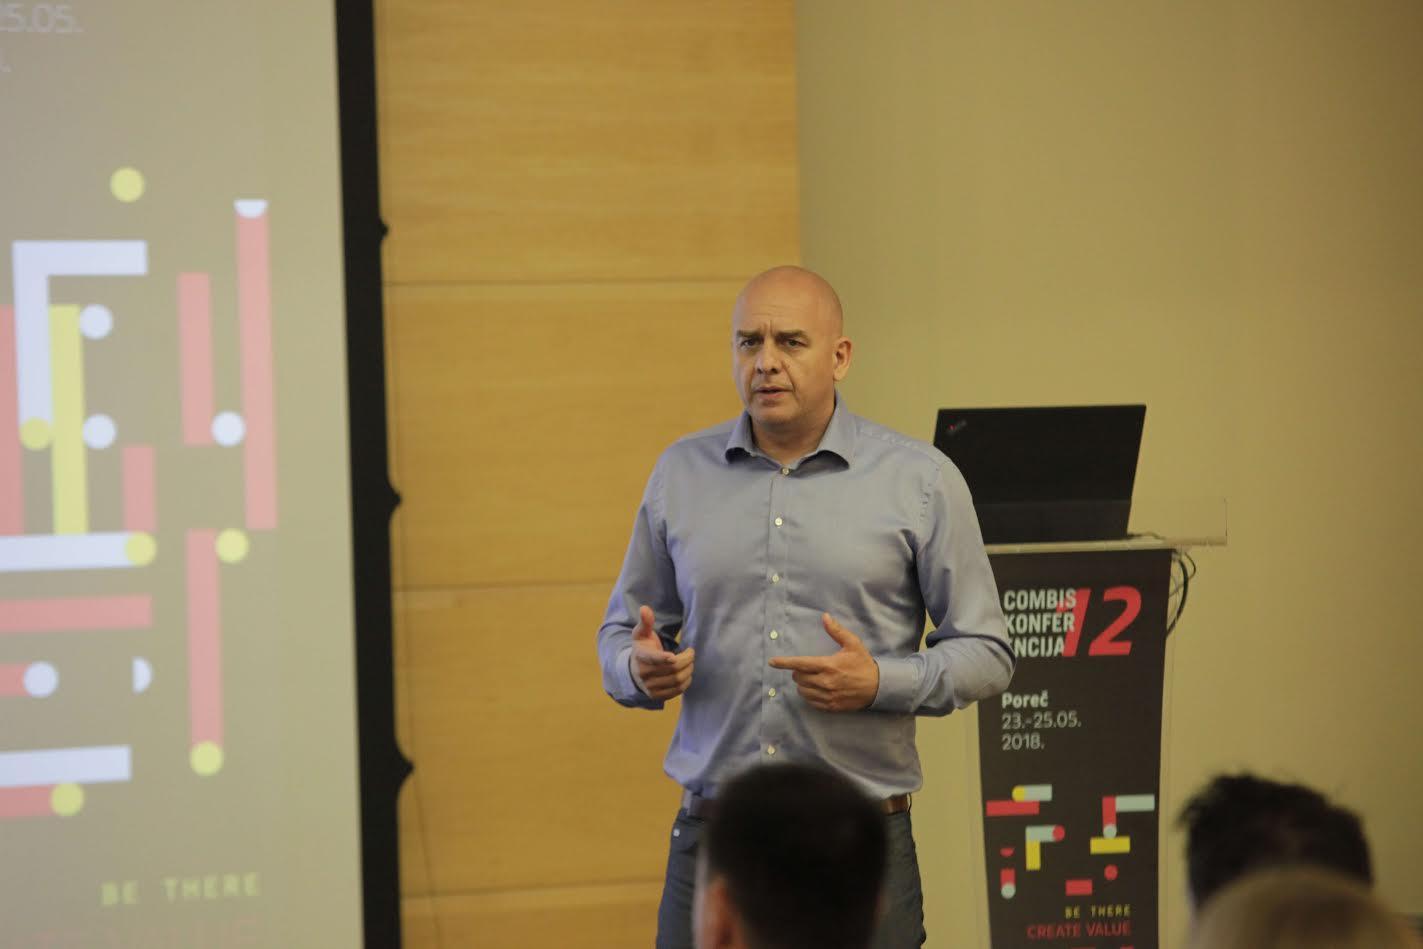 Combis konferencija: IT transformacija preduvjet uspjeha digitalizacije kompanija